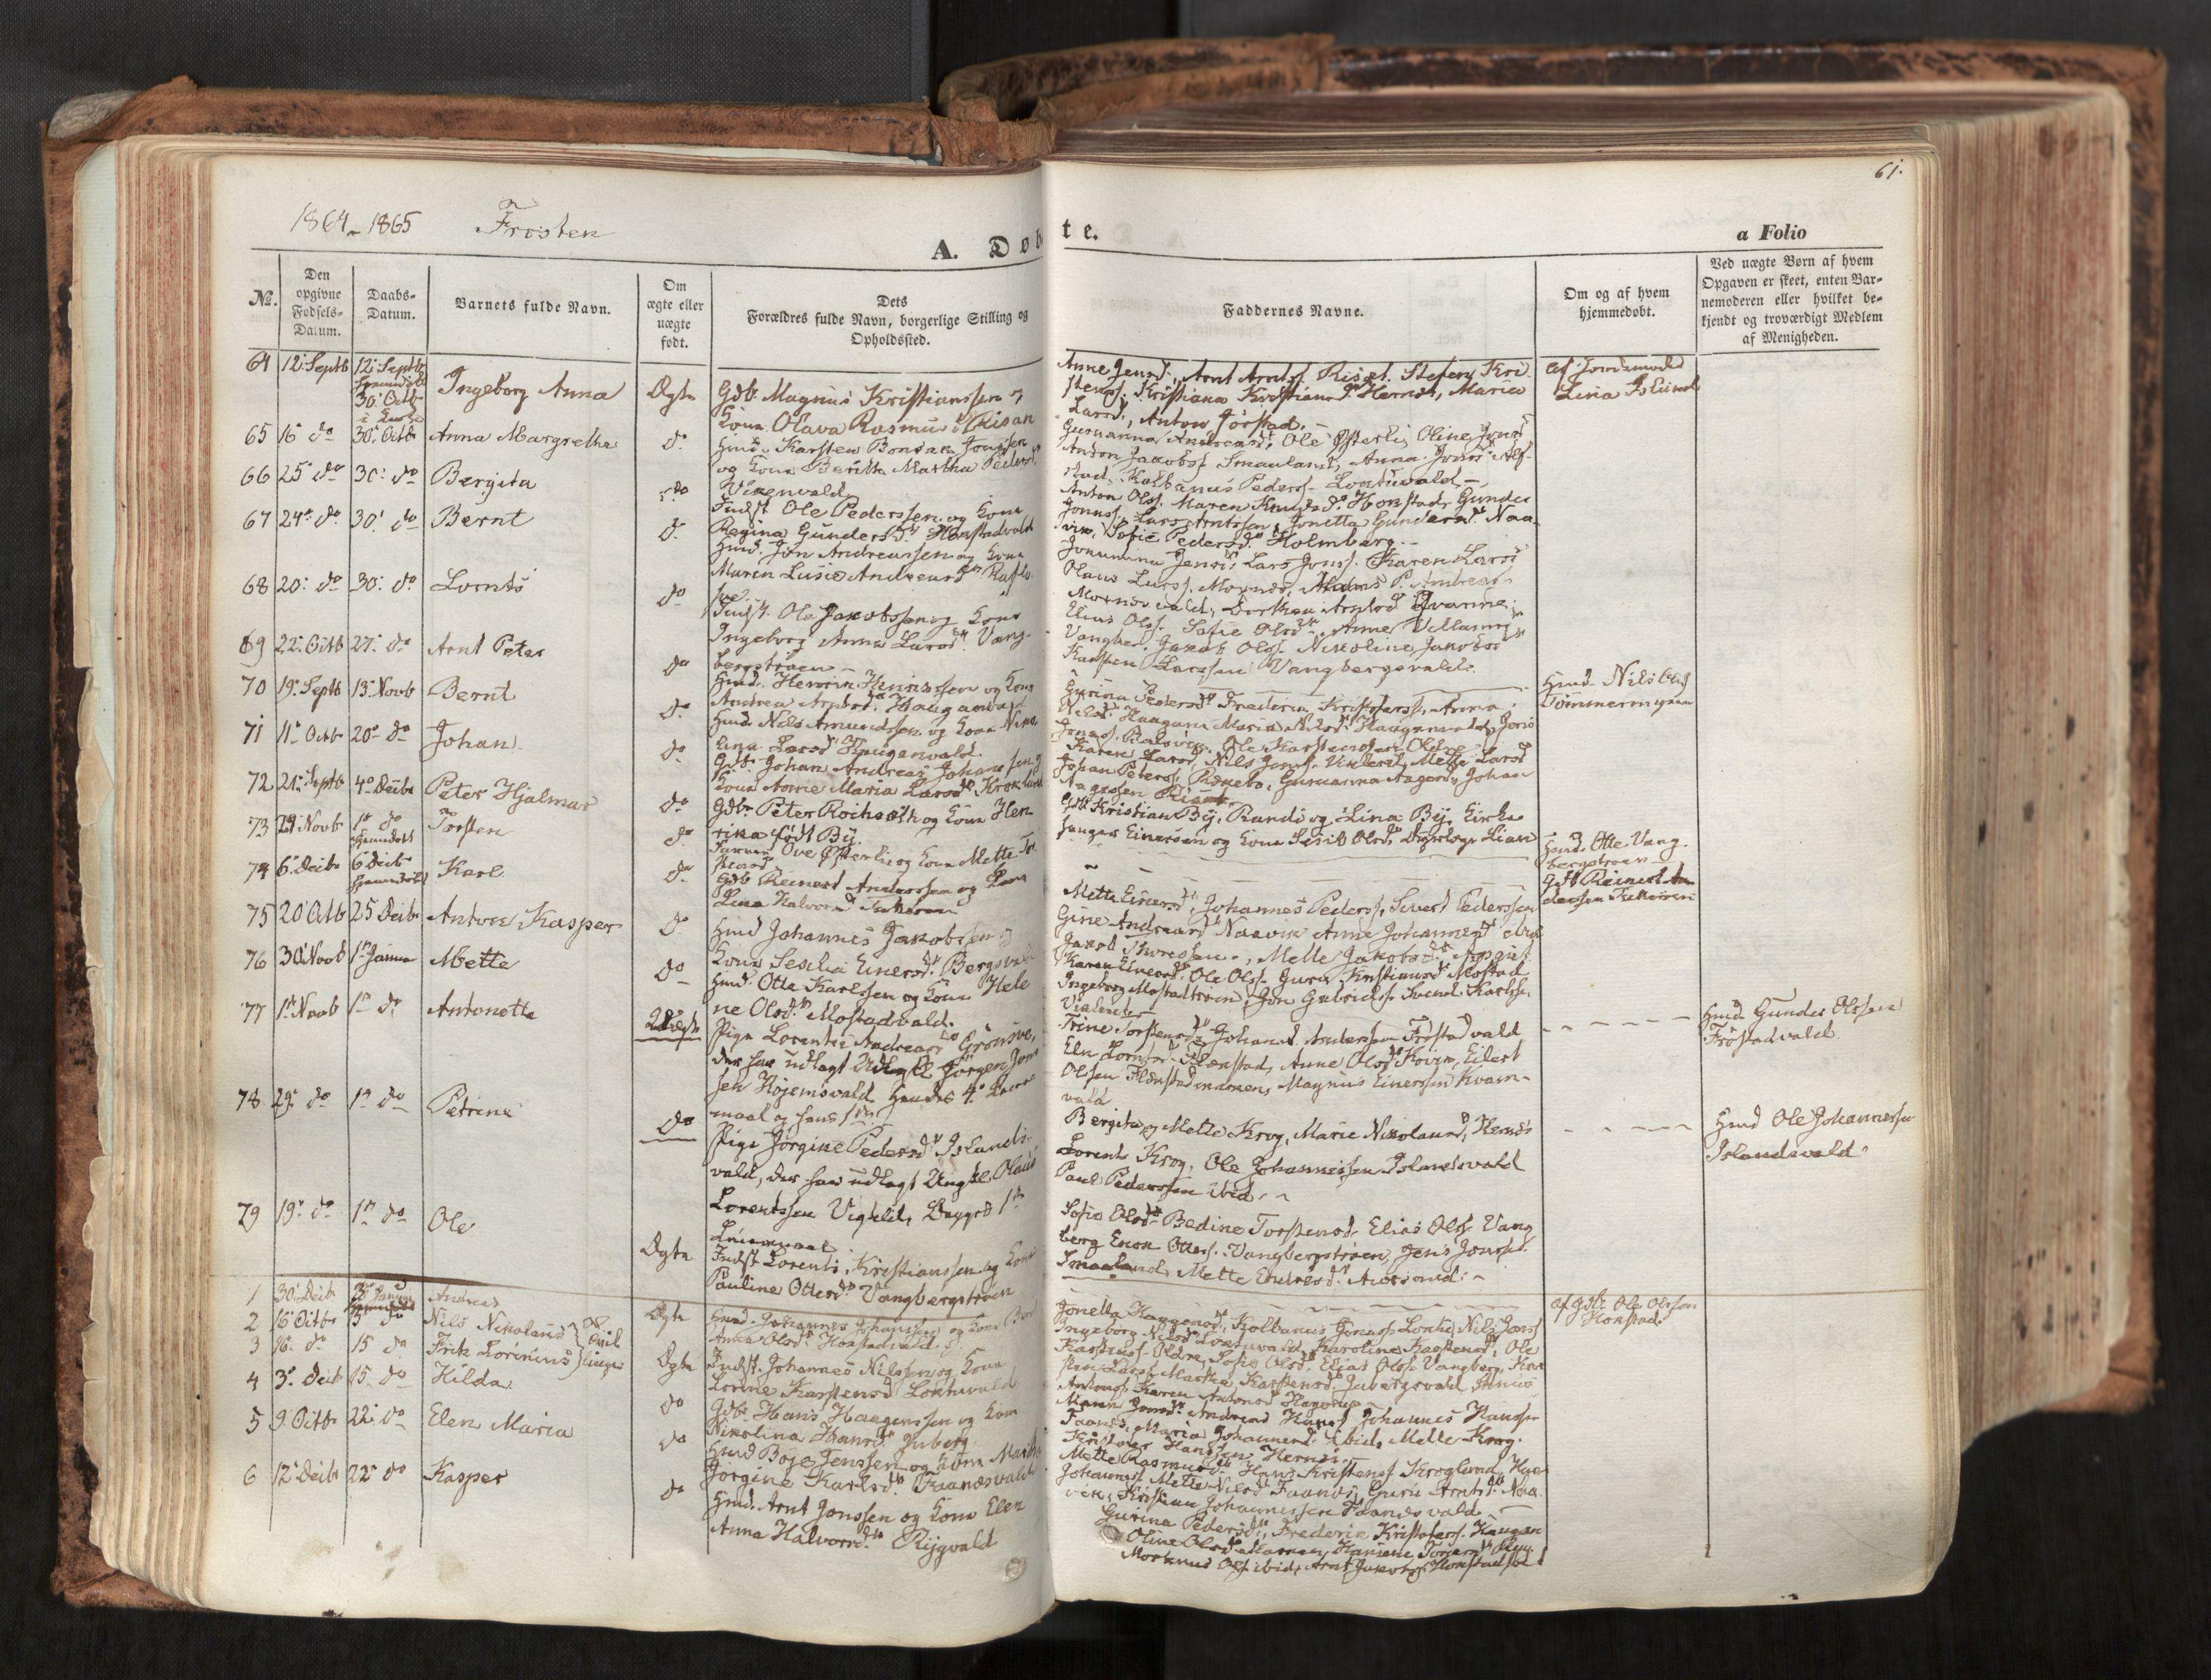 SAT, Ministerialprotokoller, klokkerbøker og fødselsregistre - Nord-Trøndelag, 713/L0116: Ministerialbok nr. 713A07, 1850-1877, s. 61